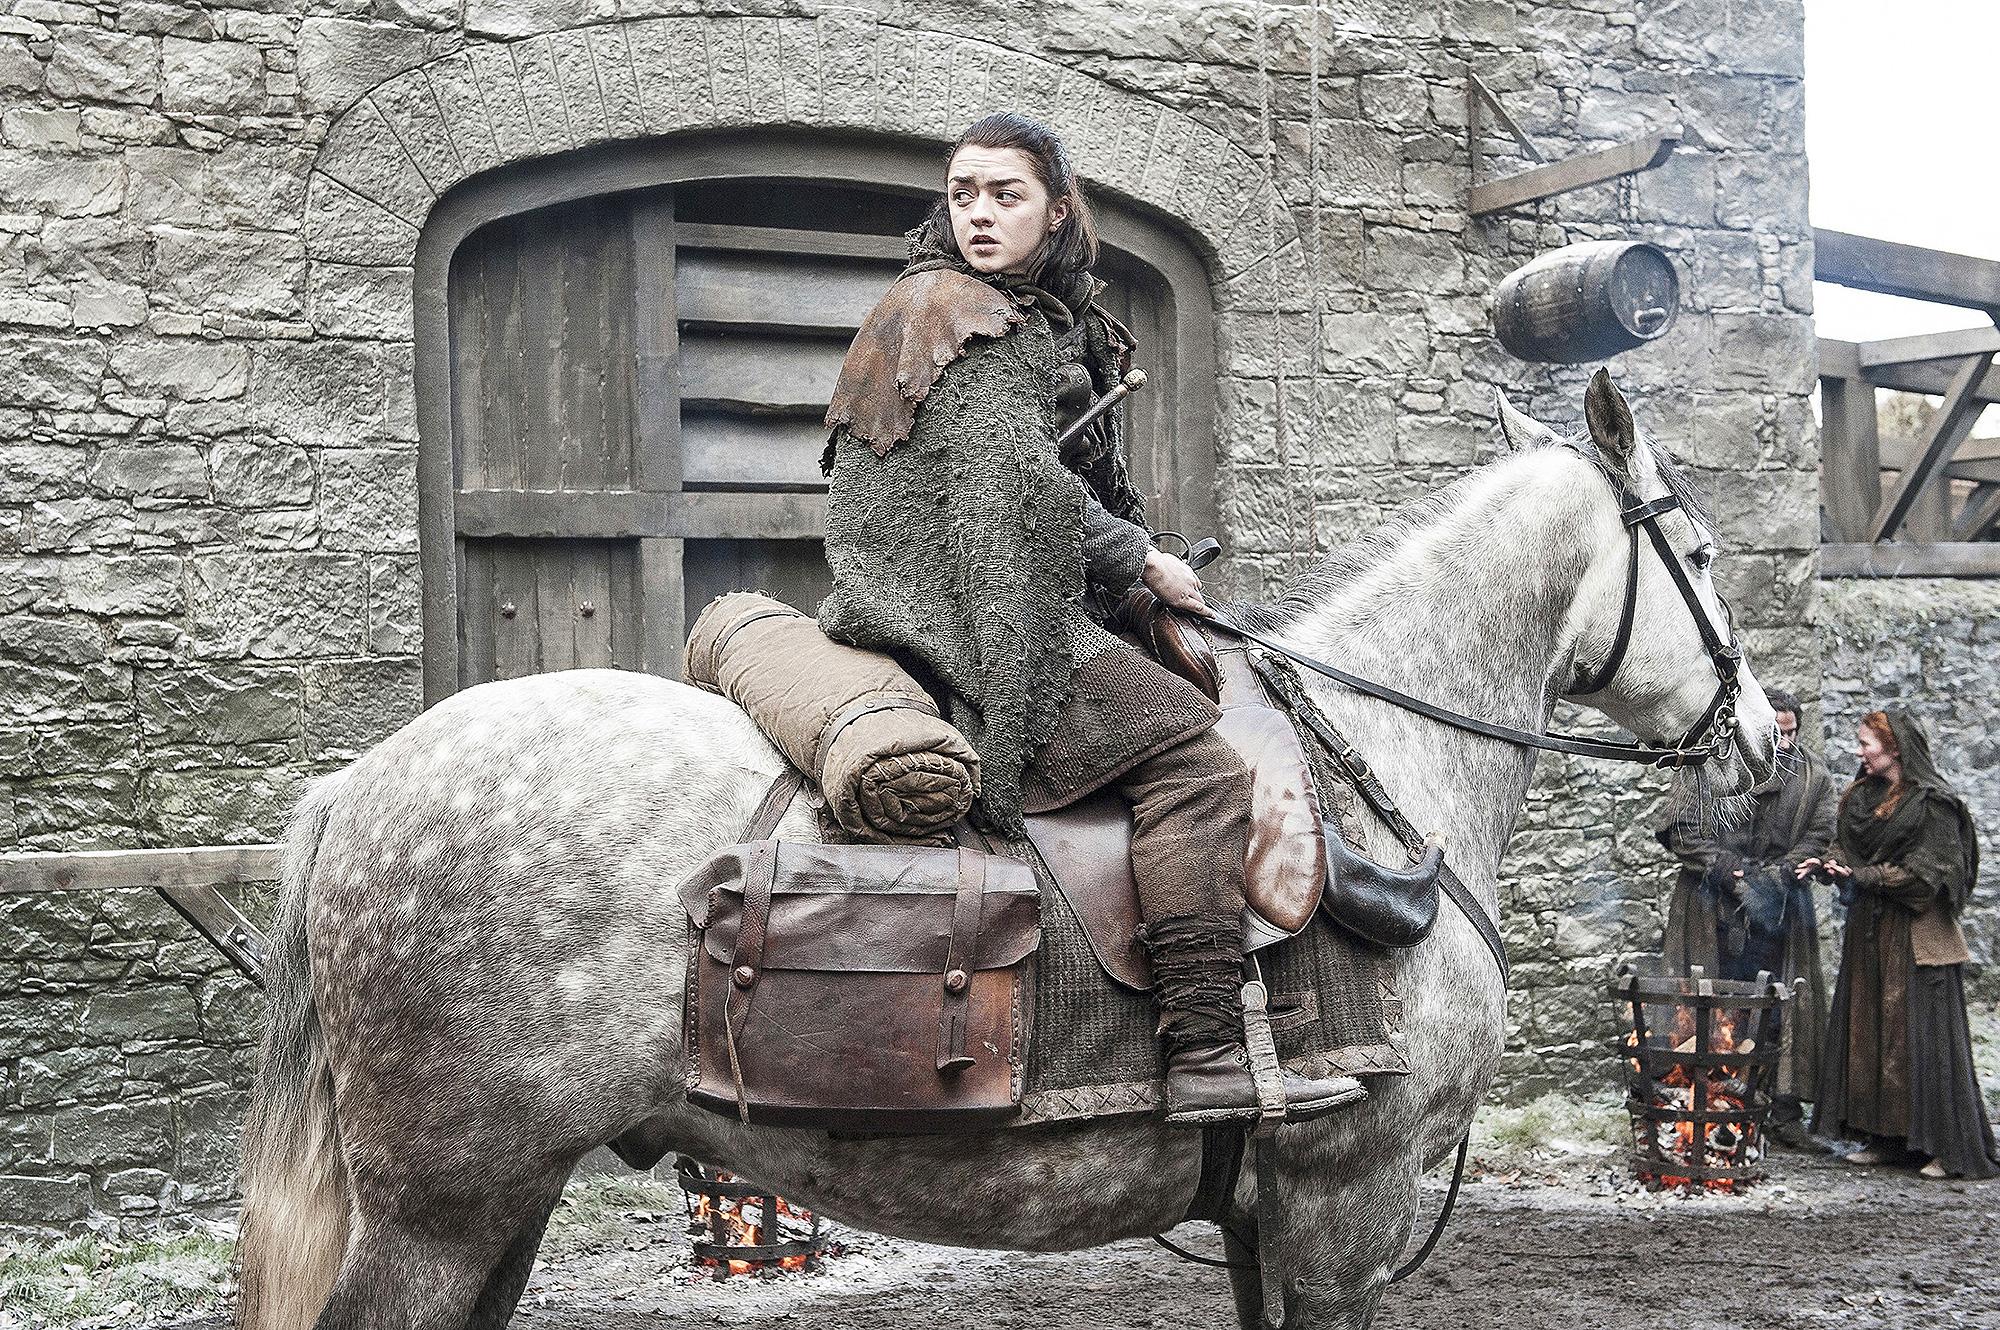 Maisie Williams Game of Thrones